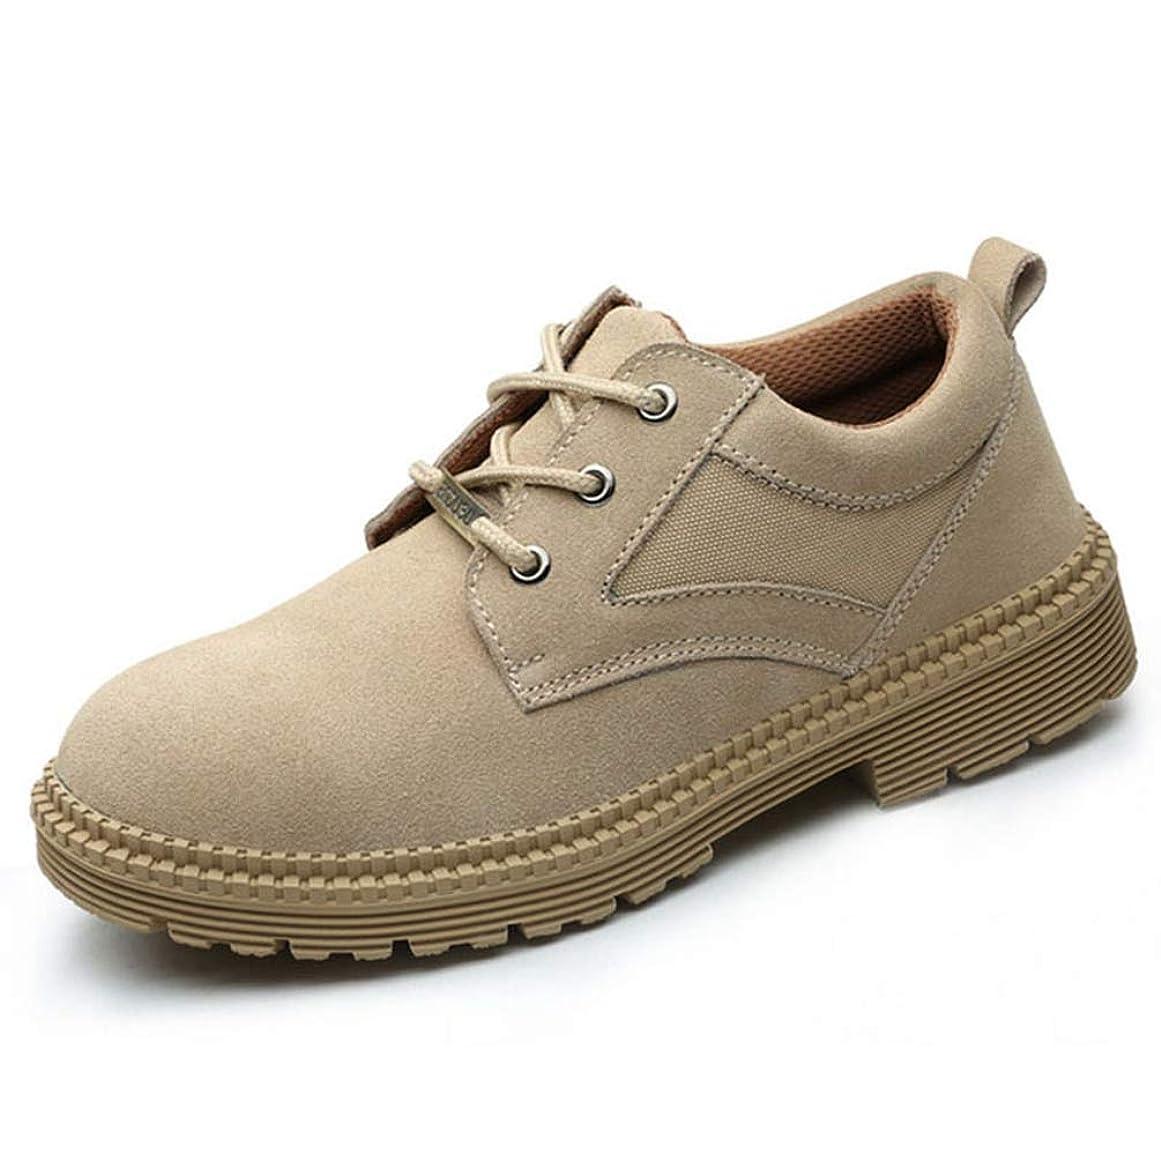 調和知的策定するセーフティシューズ ワークシューズ 作業靴 保護靴 メンズ 耐摩耗性 耐久性 アウトドア 工業用 建設作業 釘踏み抜き防止 先芯入り つま先保護 溶接作業 パンチング加工 耐久性抜群 歩きやすい おしゃれ